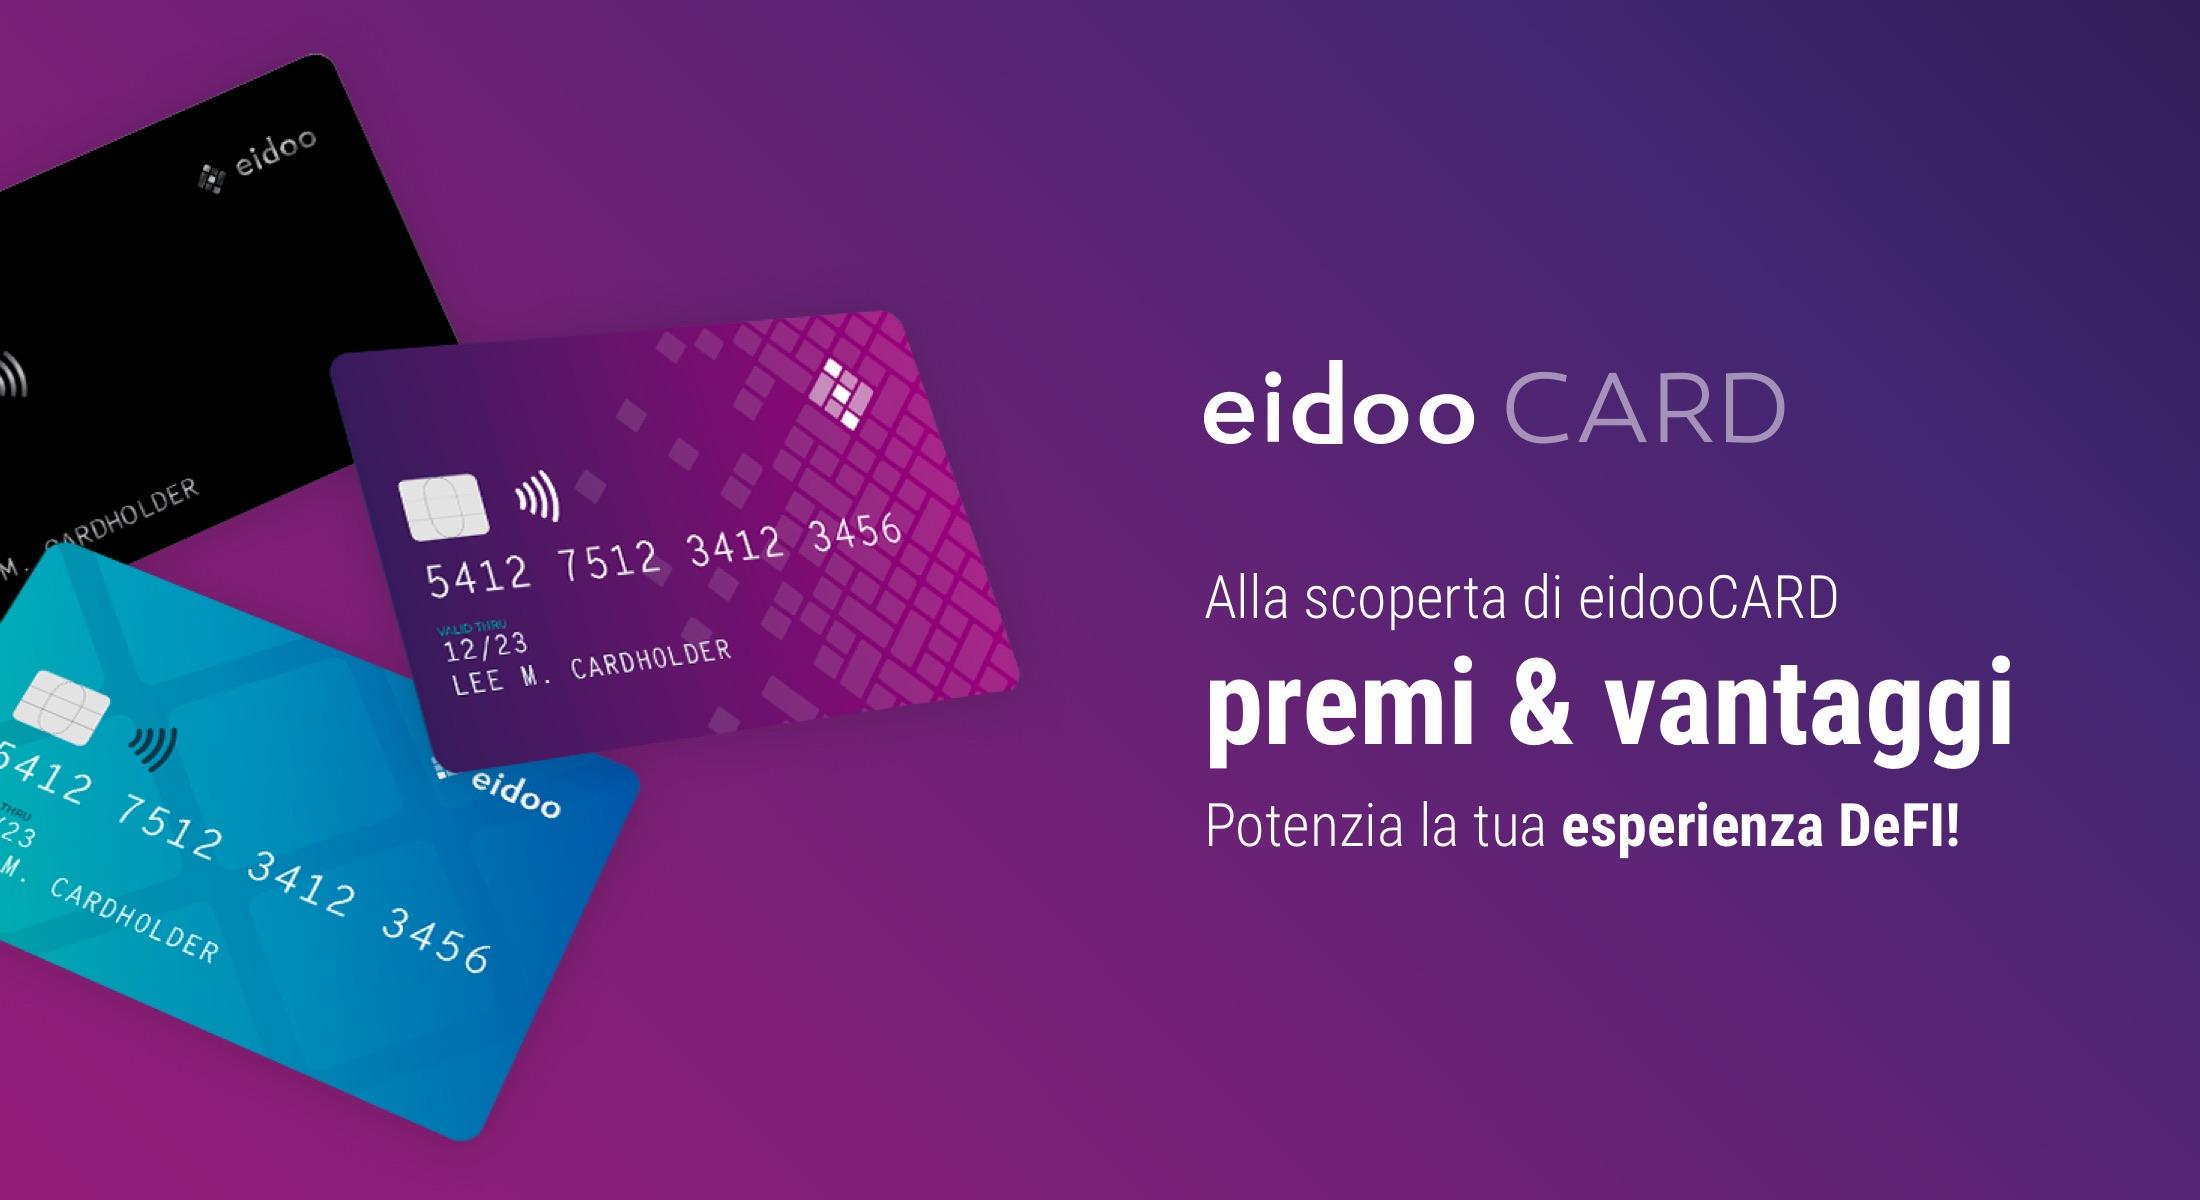 Scopri i vantaggi e i premi della Eidoo Card